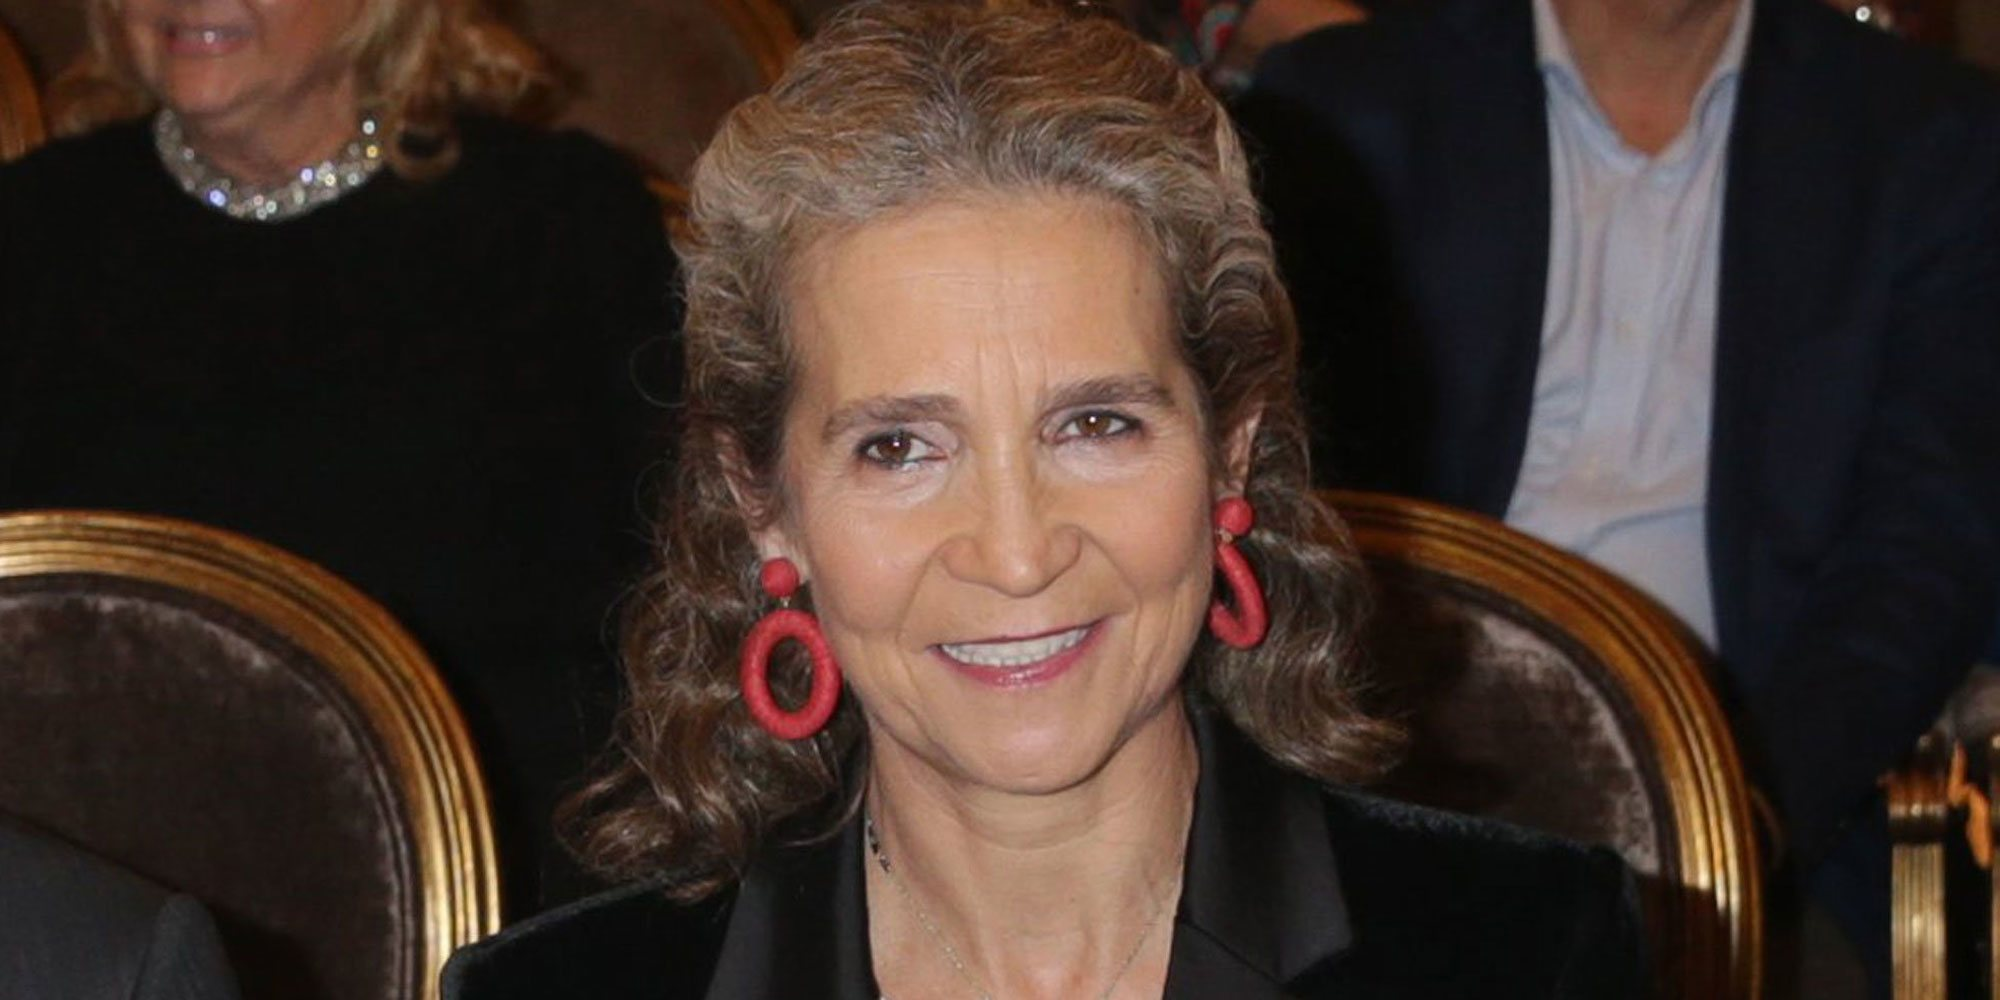 La Infanta Elena, de comida con amigas entre rumores y confirmaciones del Rey Juan Carlos y tras su vídeo solidario